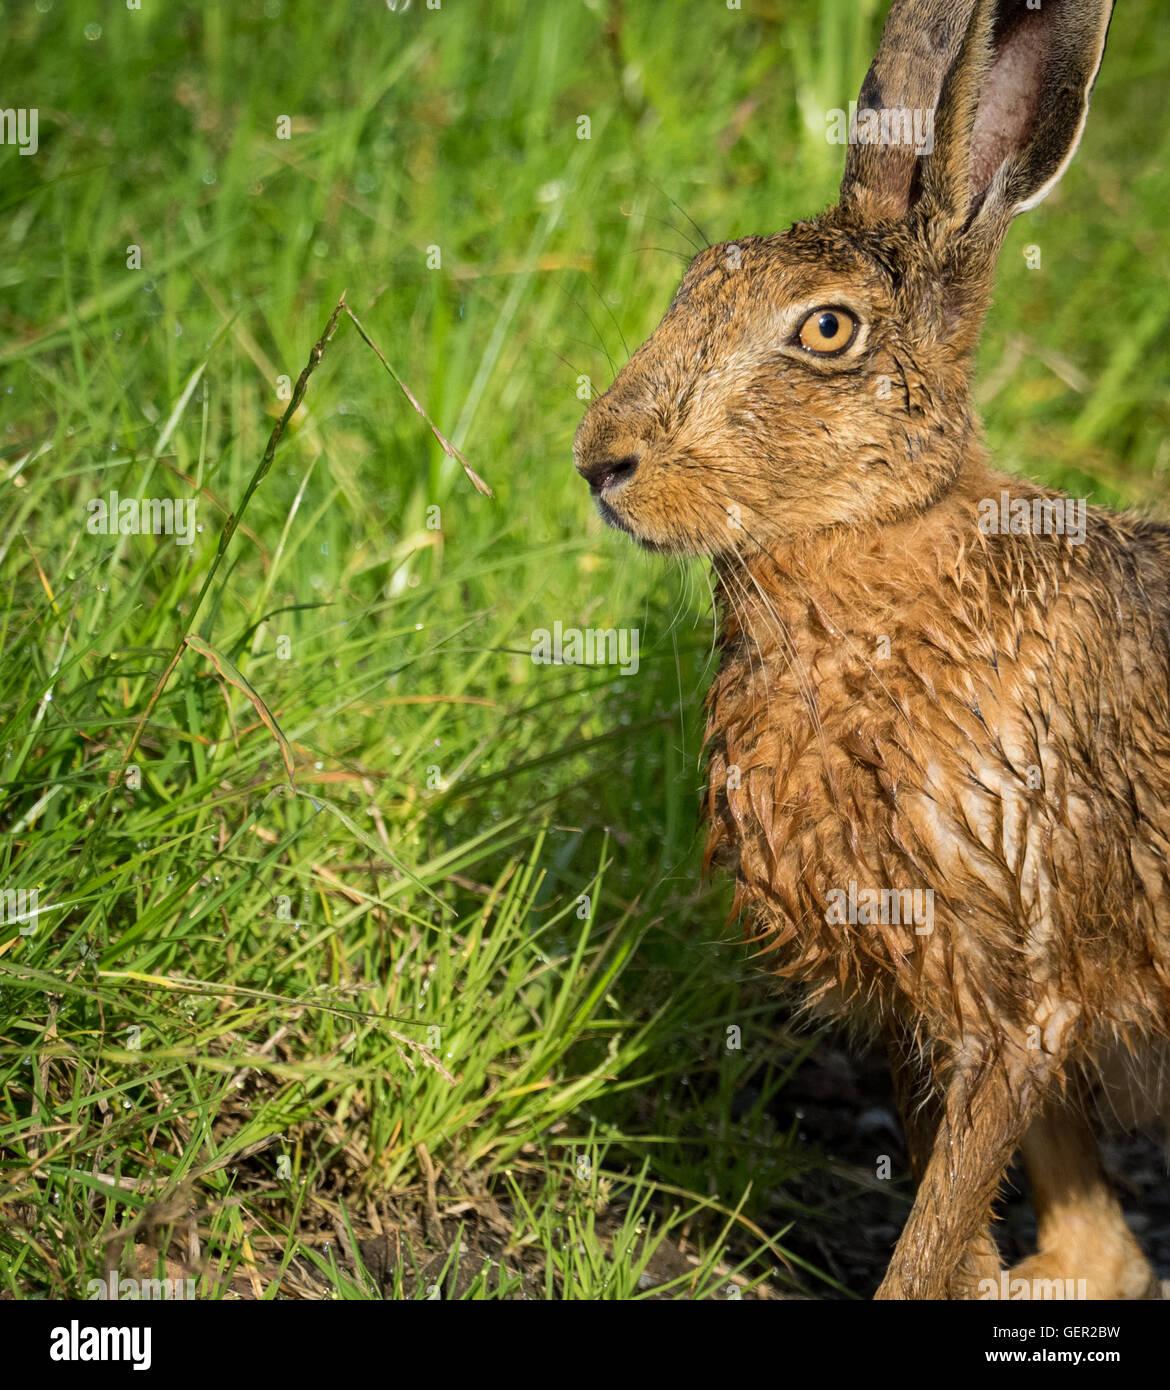 Brown lepre sul percorso in erba bagnata dalla balneazione in impasto (Lepus europaeus) Immagini Stock